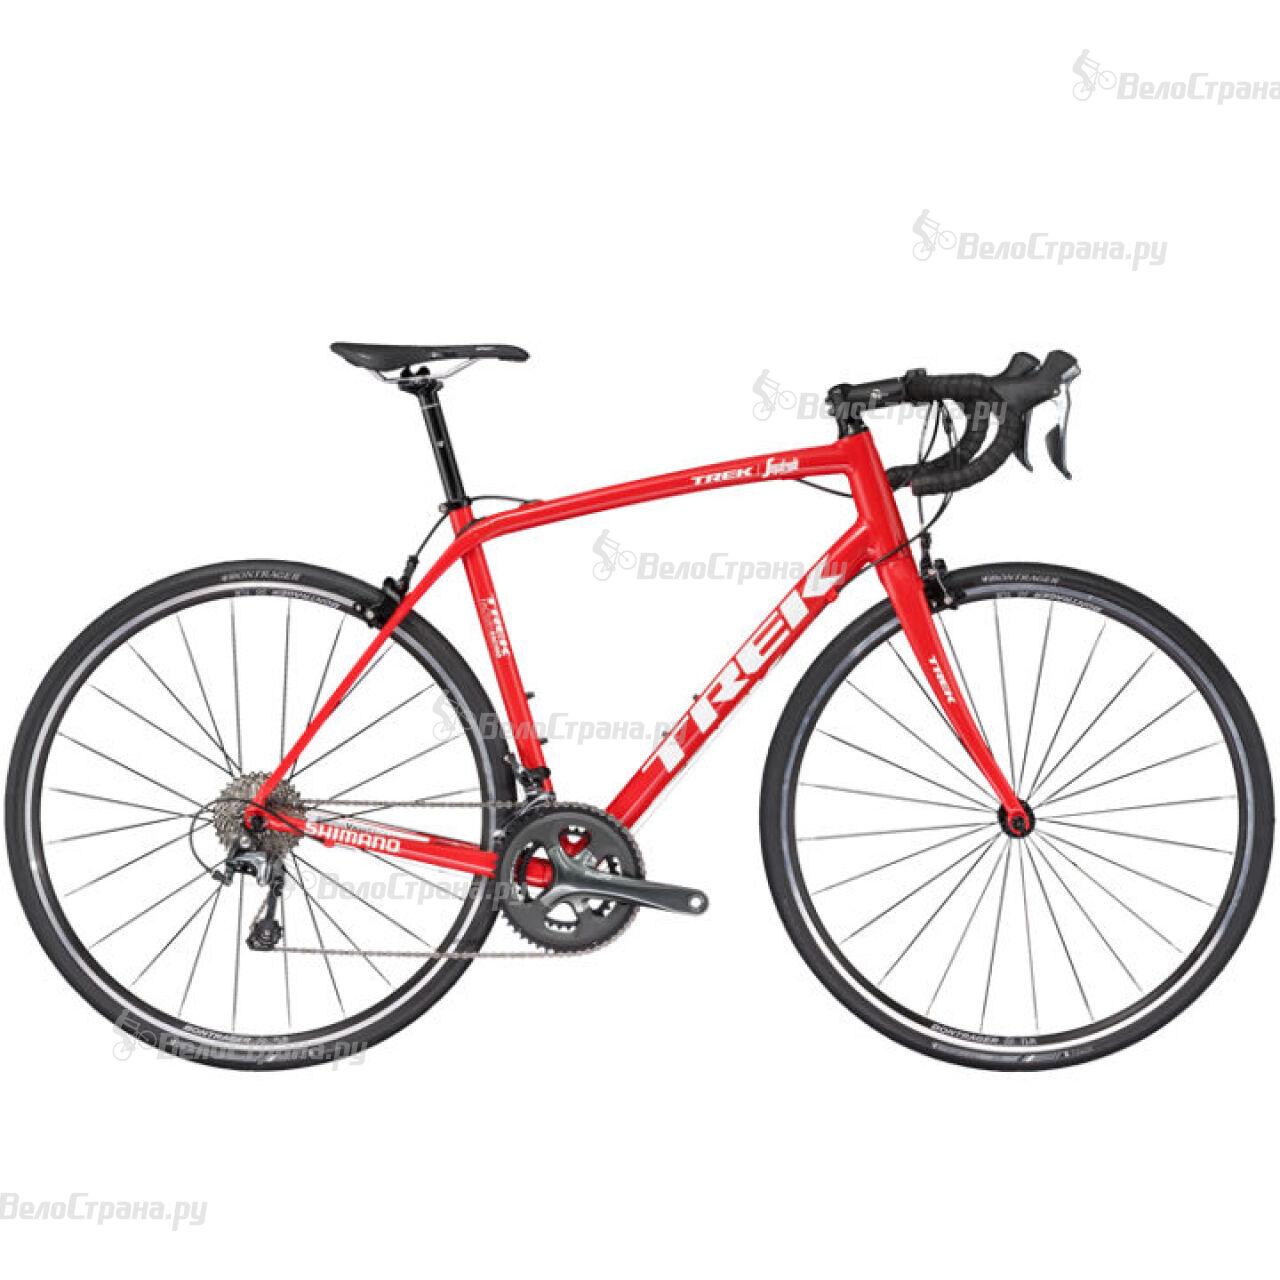 Велосипед Trek Domane ALR 4 (2017) велосипед trek domane alr 4 disc 2017